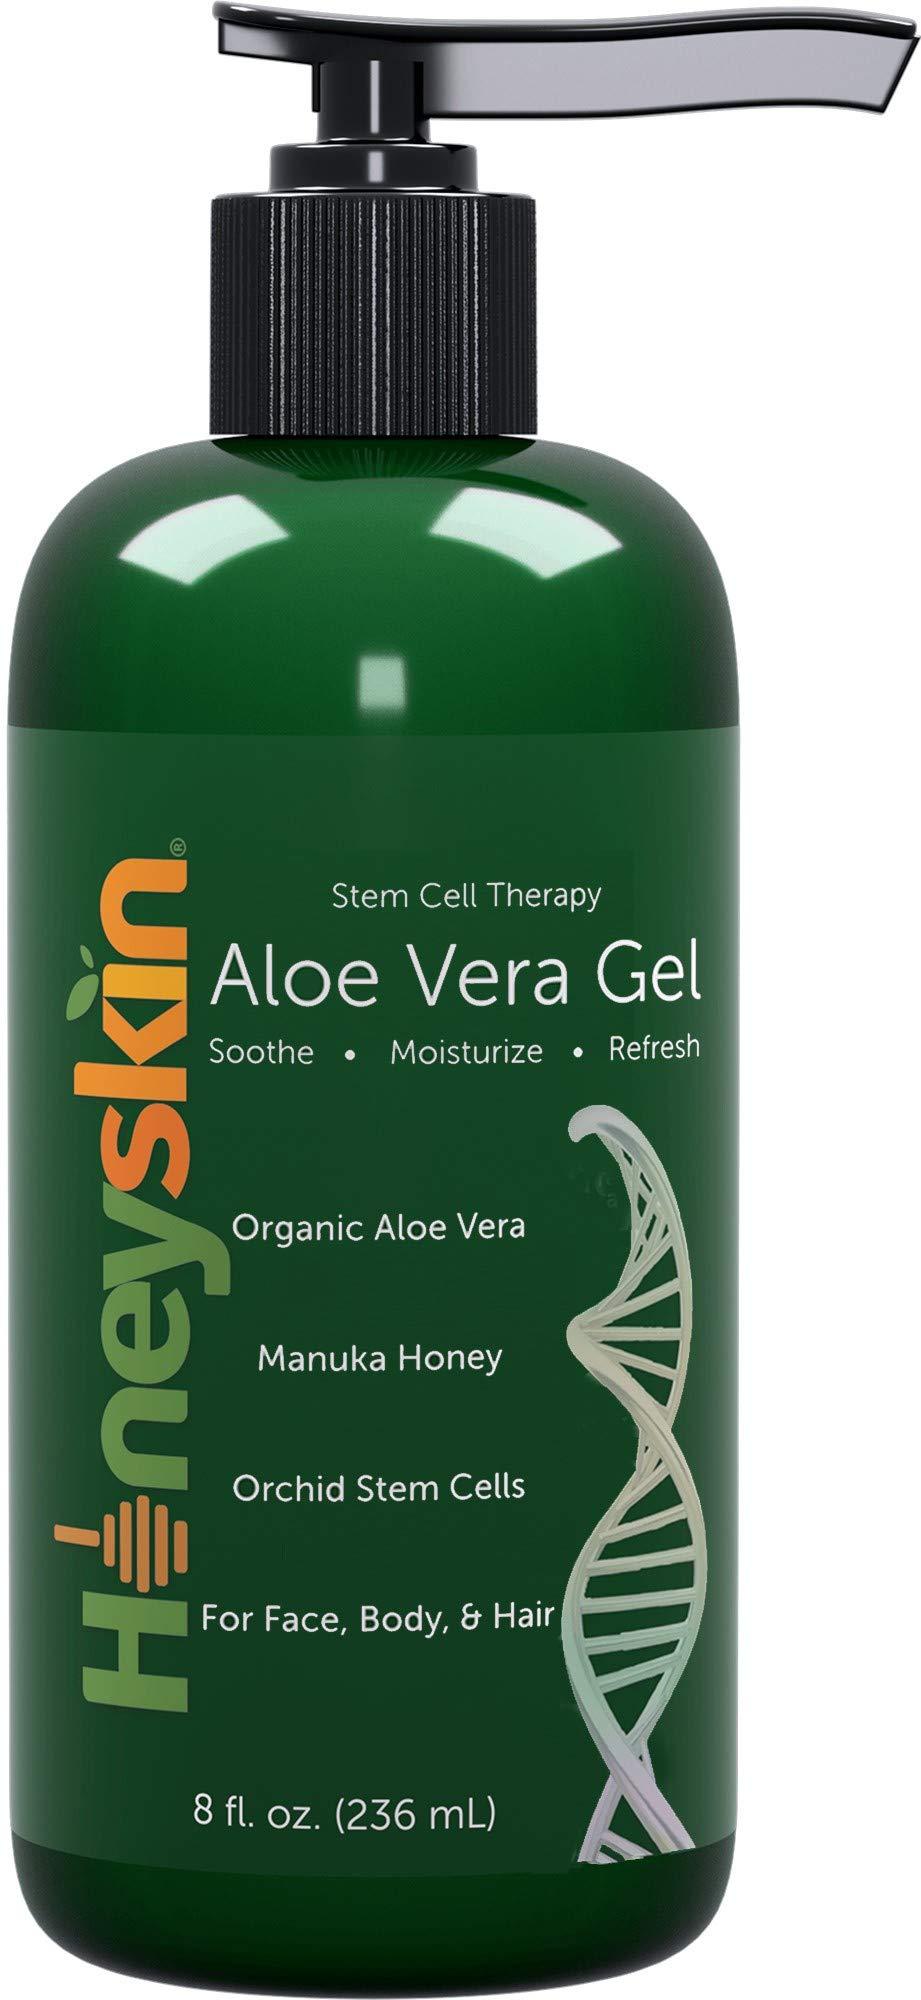 Natural Organic Aloe Vera Gel